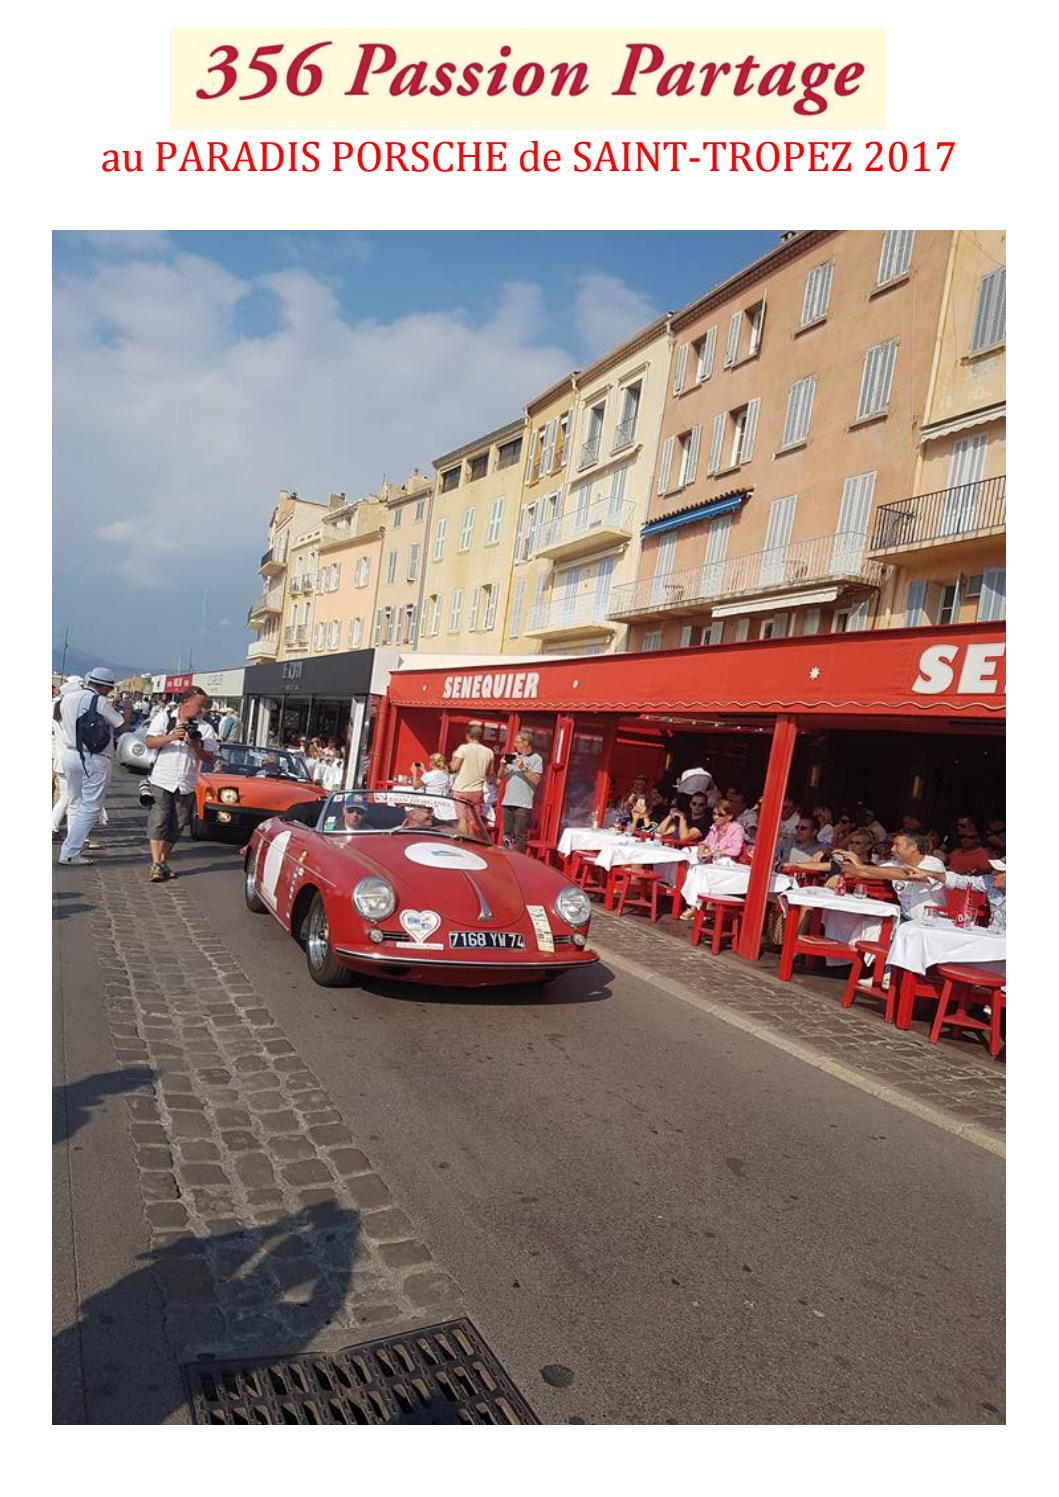 Paradis Porsche - Site officiel de la ville de Saint-Tropez